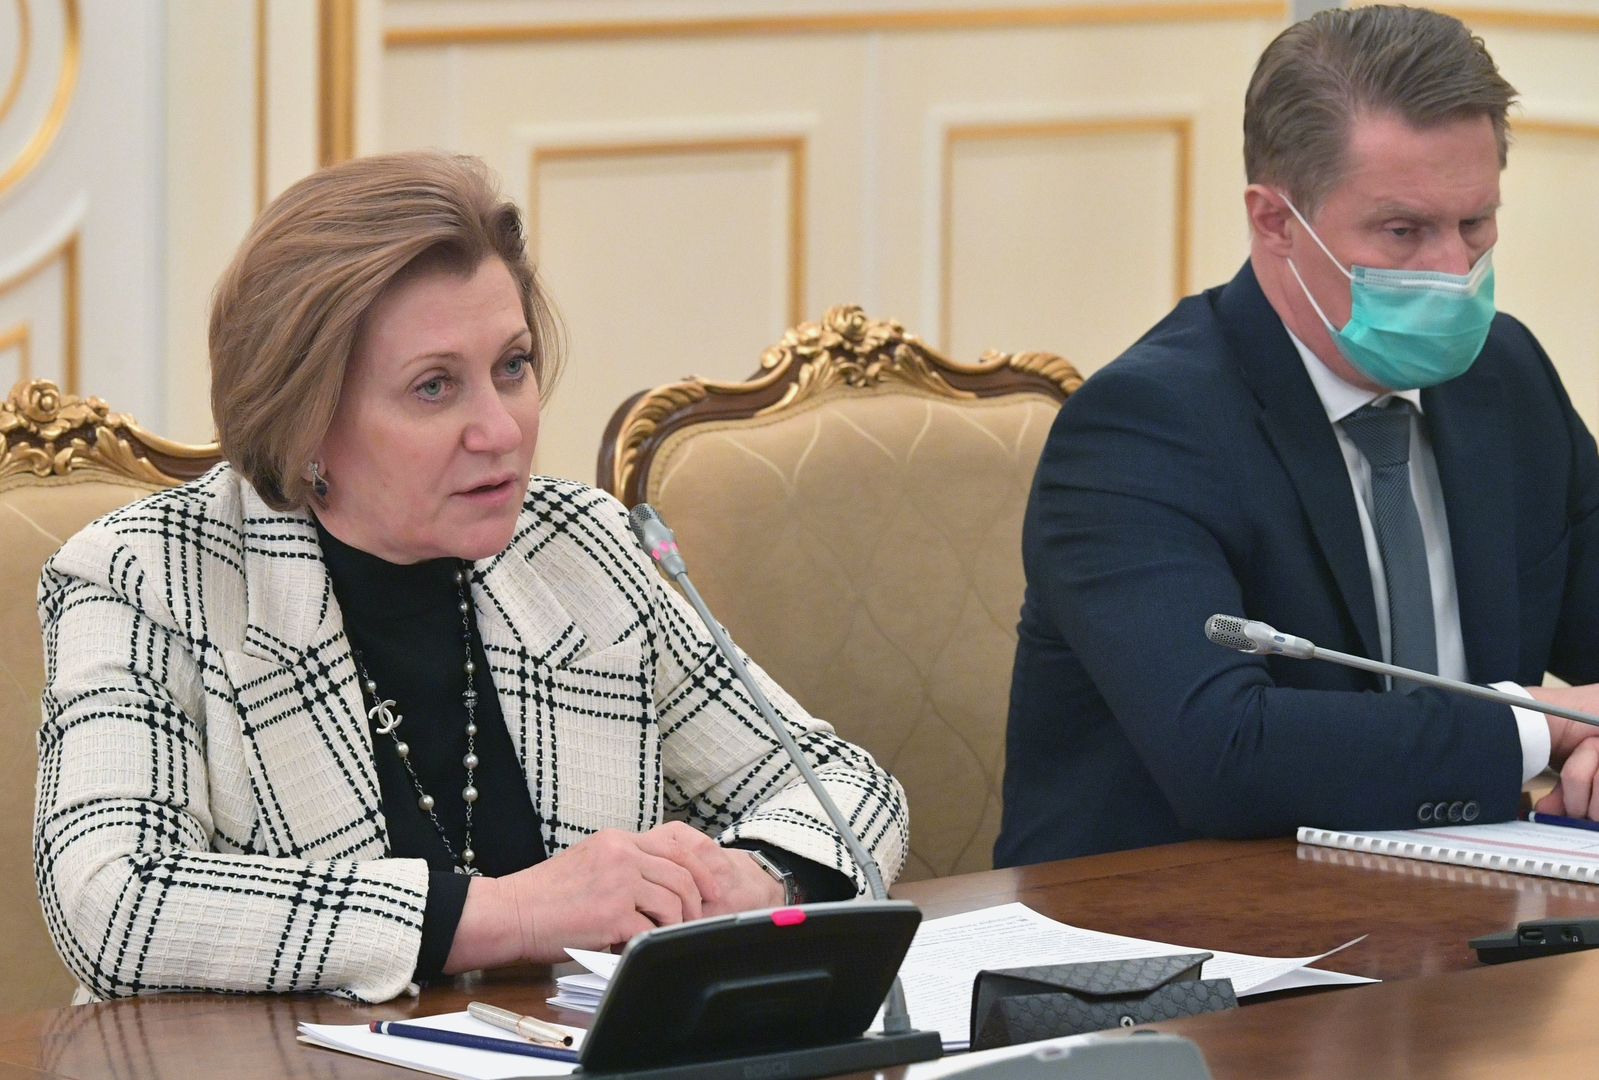 رئيسة الهيئة الفدرالية الروسية المعنية بالرقابة على حقوق المستهلك، آنا بوبوفا